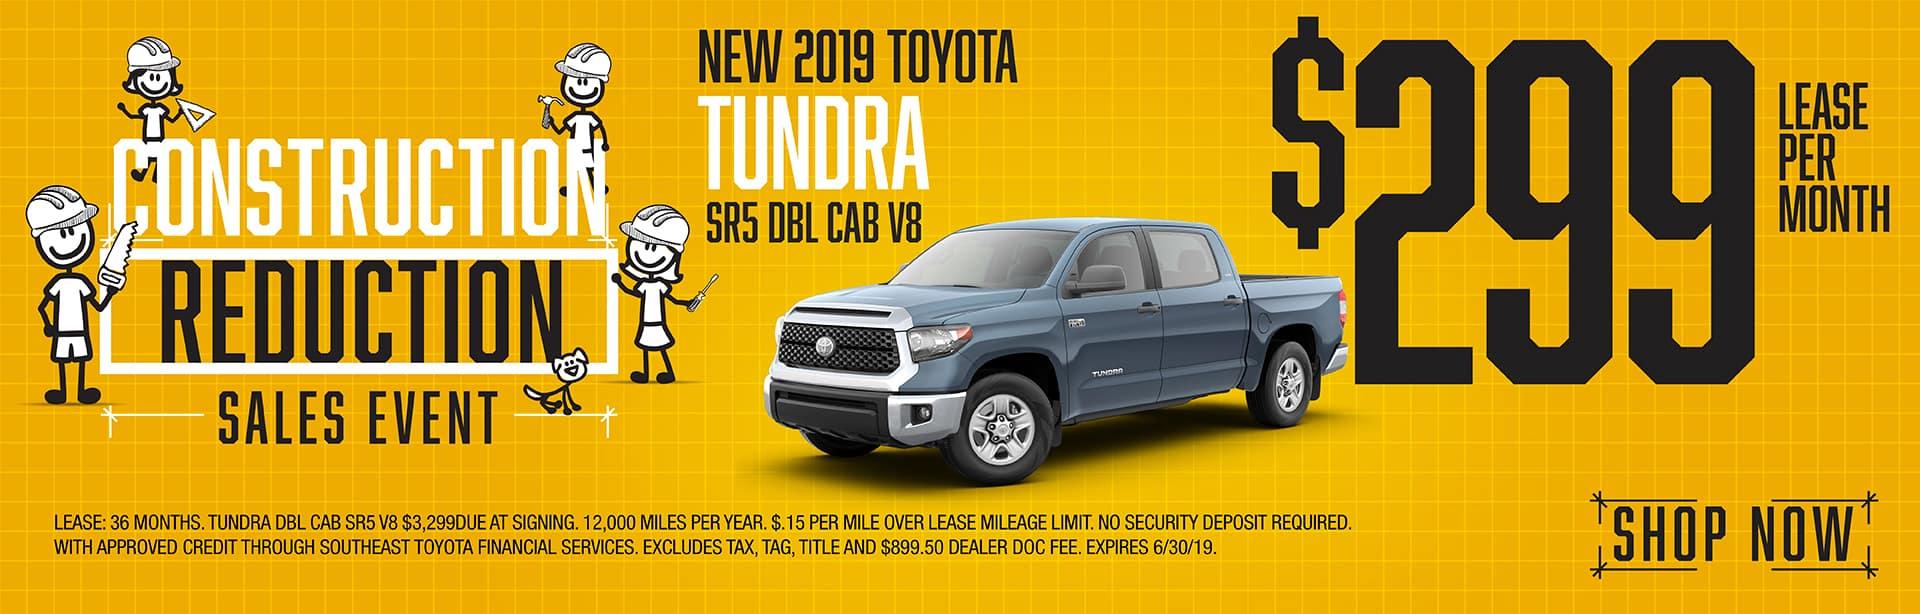 2019 Tundra